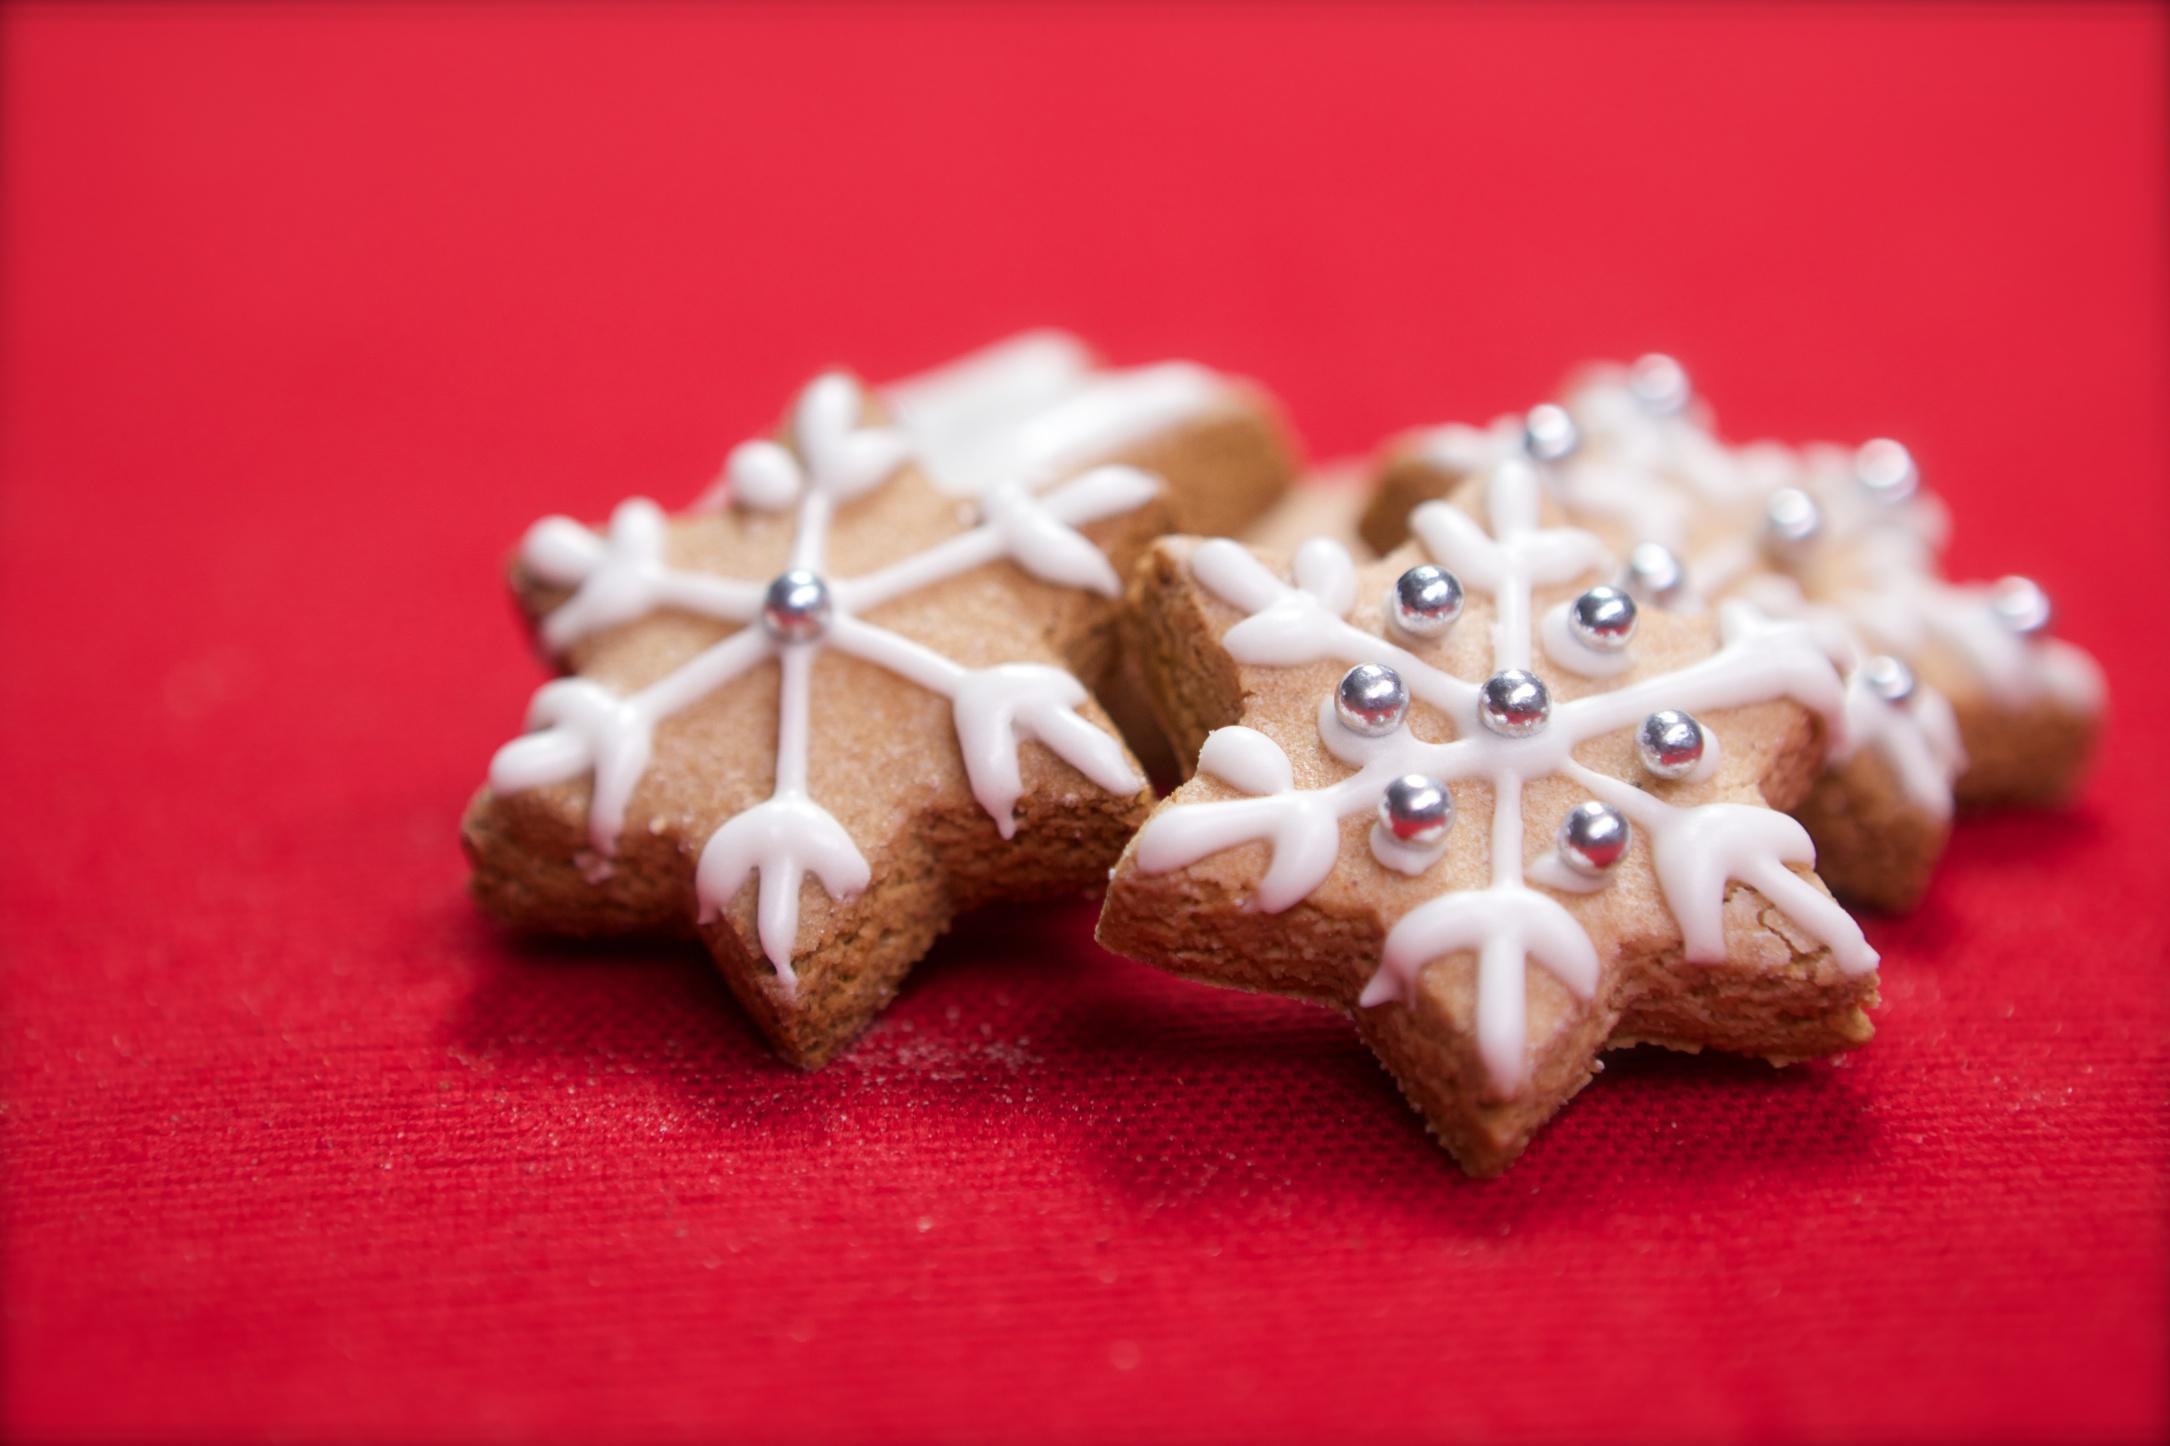 Biscotti Di Natale Zimtsterne.Biscotti Di Natale Zimtsterne Stelline Alla Cannella Deabyday